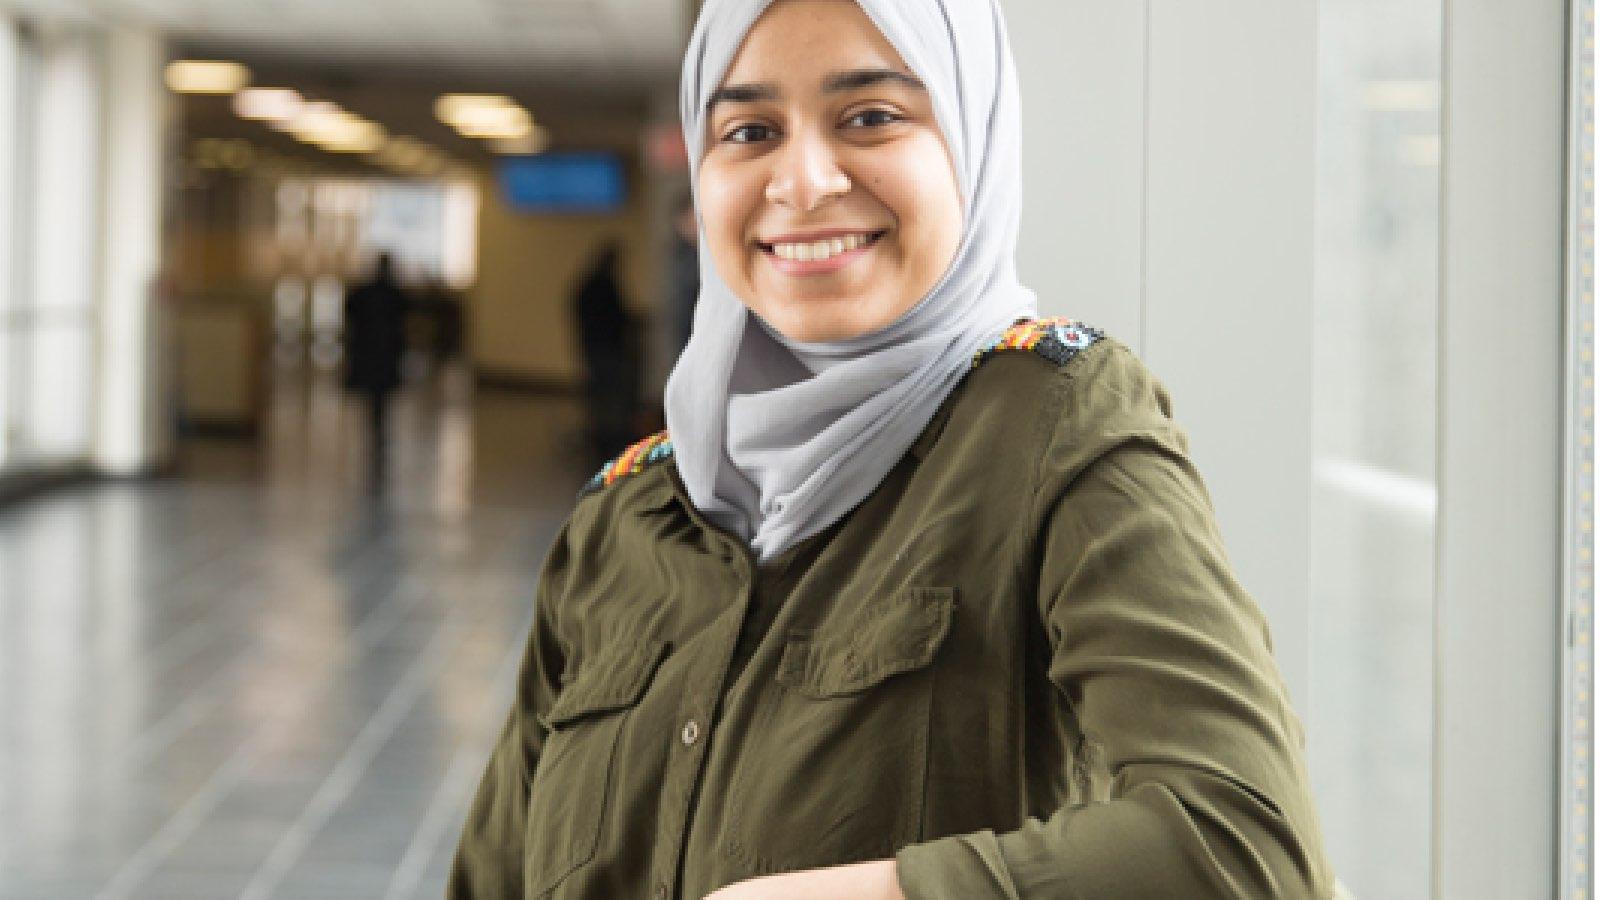 Hunter Student Safia Mahjebin